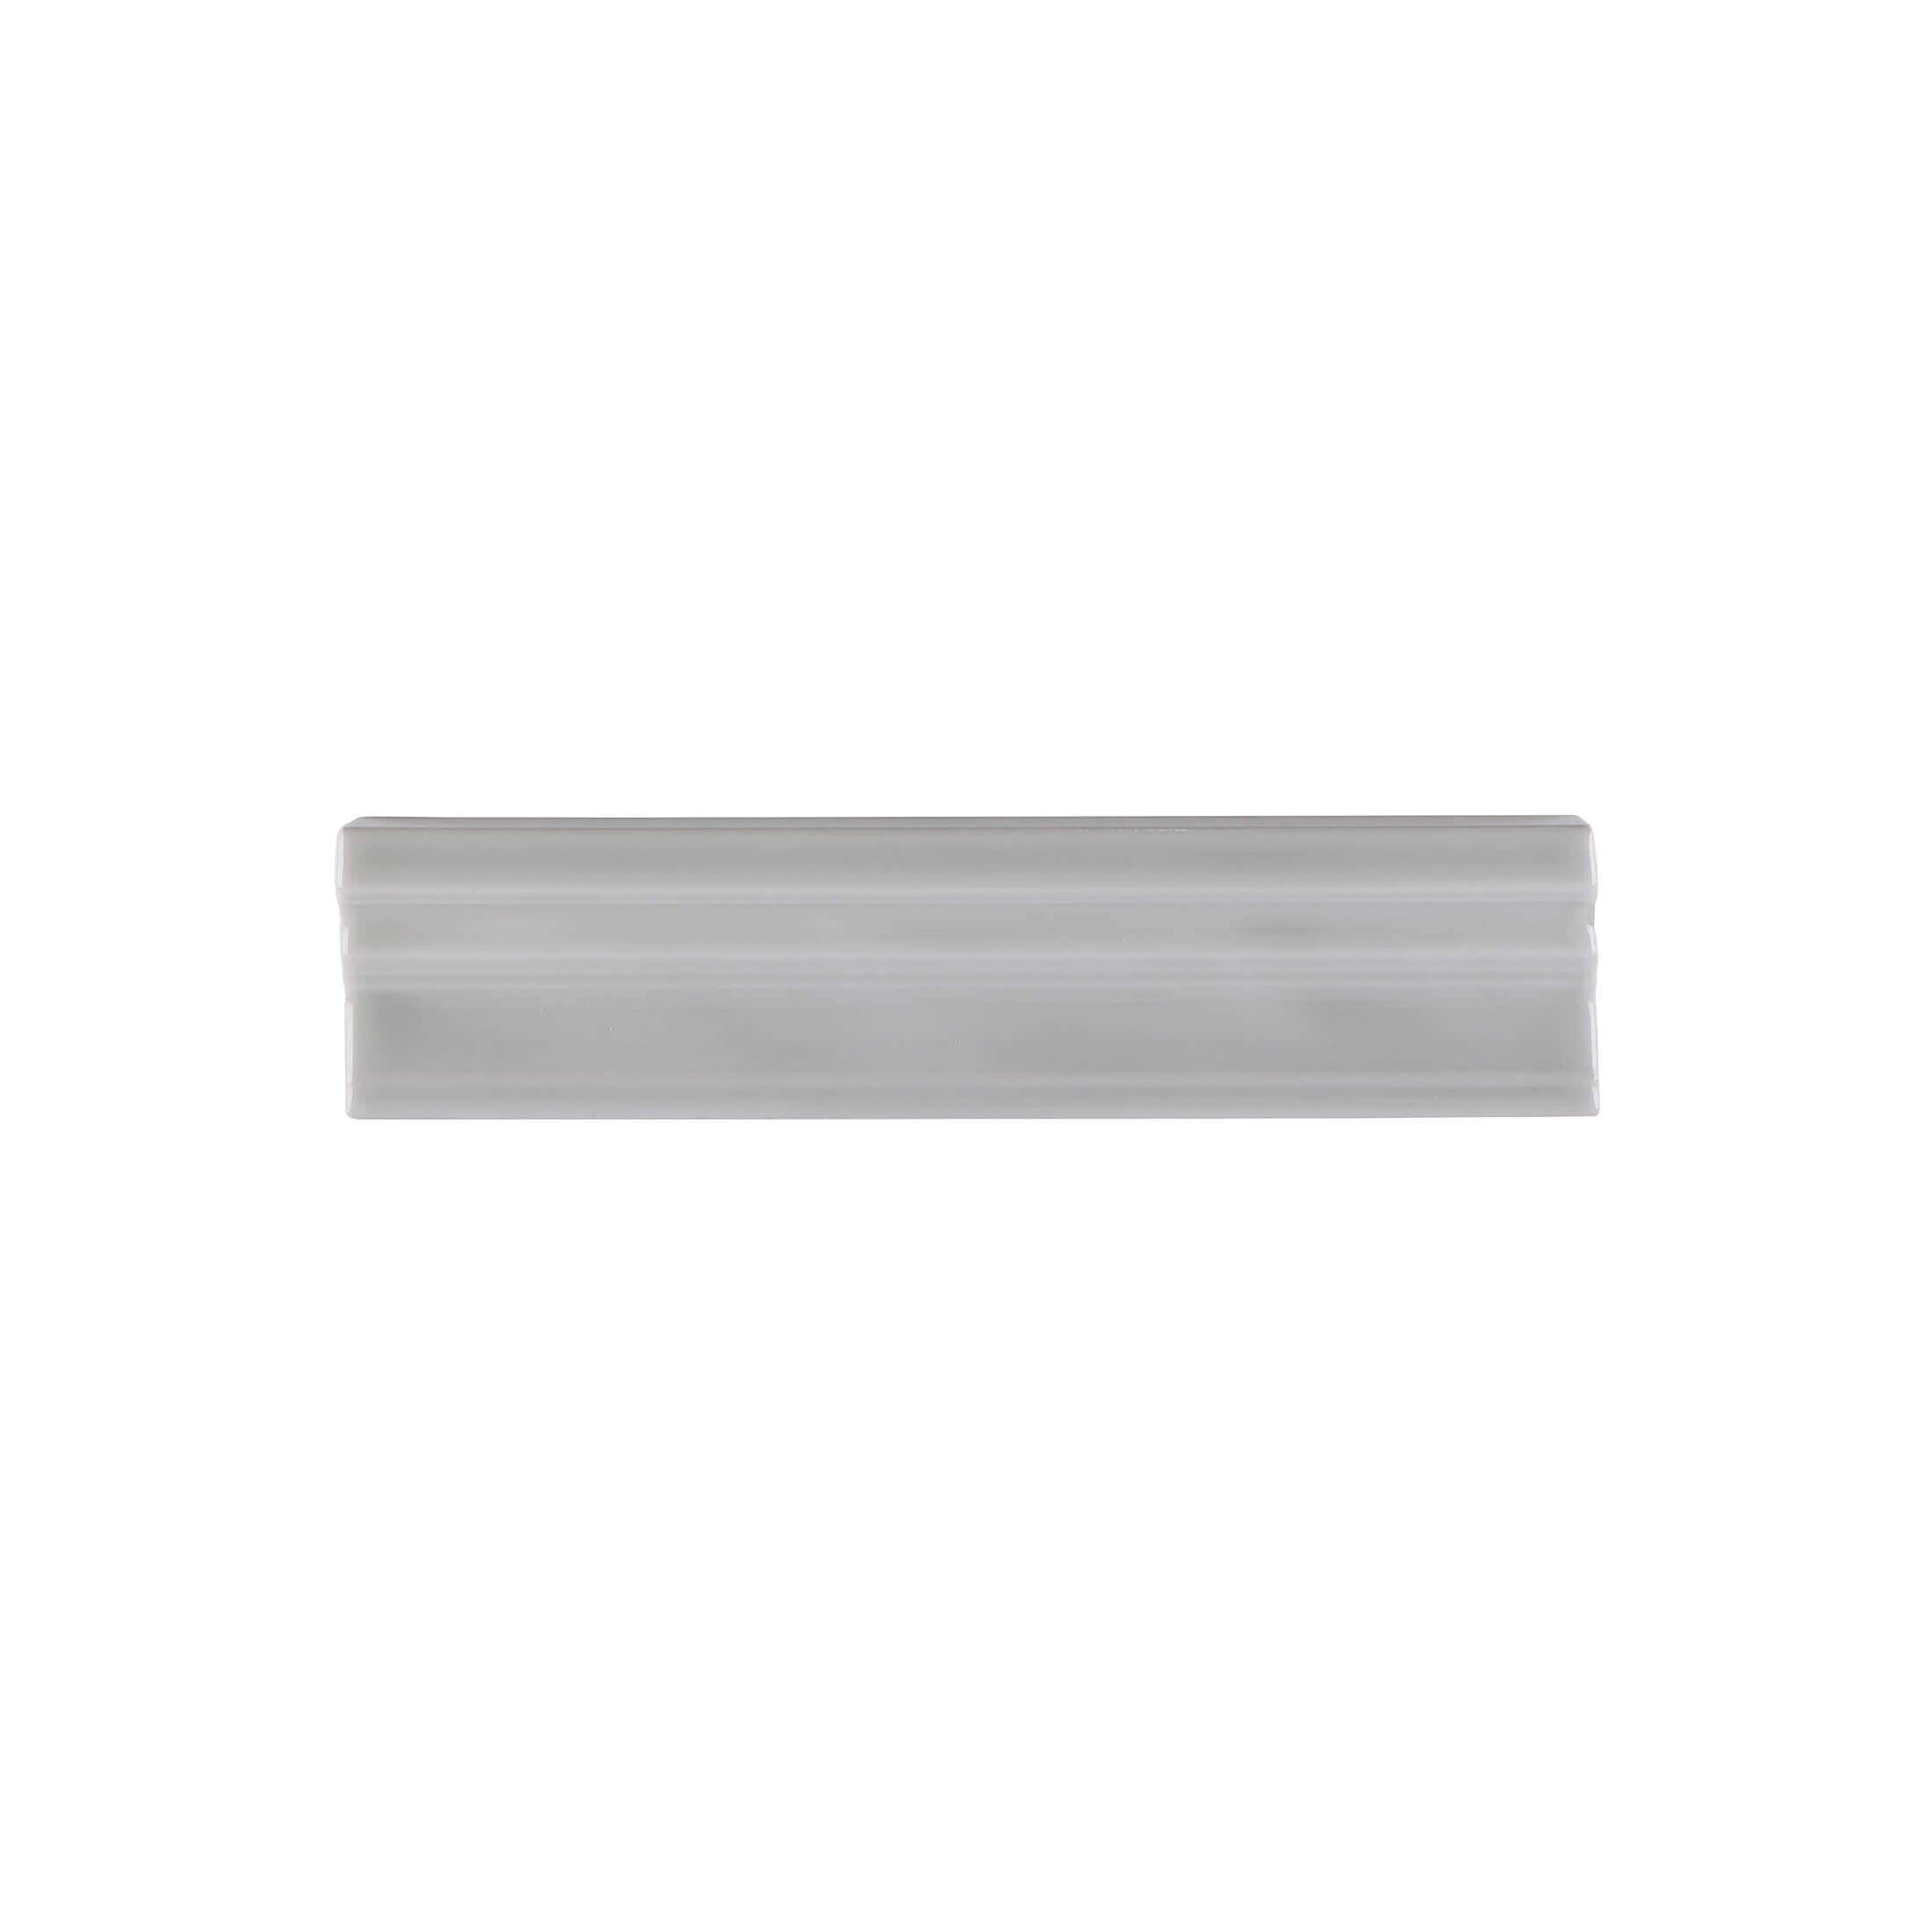 ADRI5052 - 5 cm X 20 cm